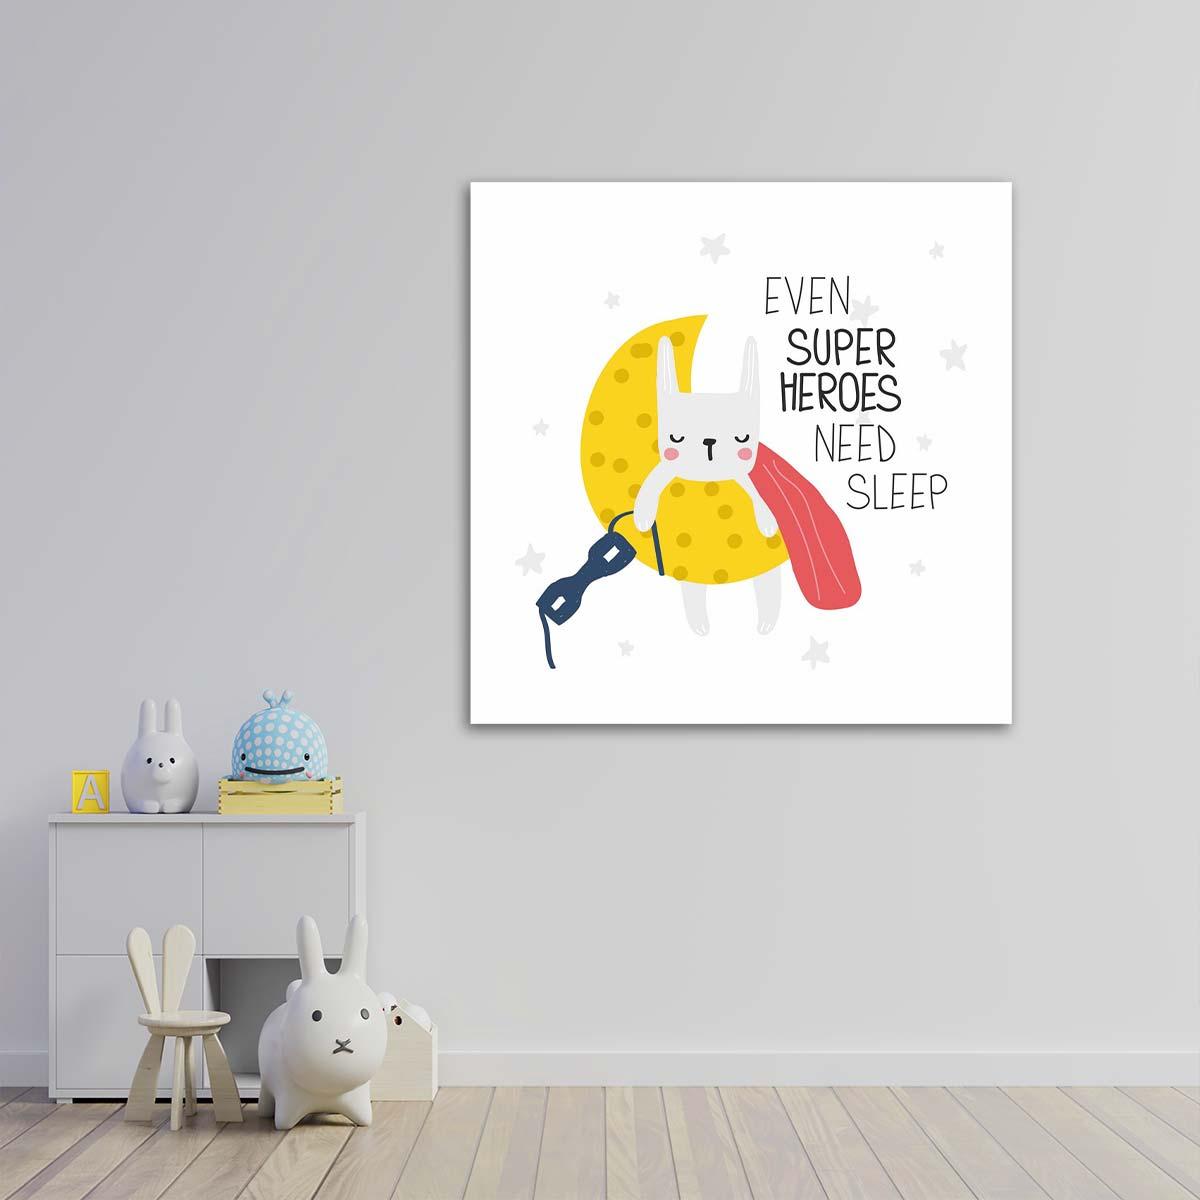 لوحات جدارية - القطة البطلة الخارقة نائمة - لوحات جدارية - لوحات فنية مميزة - لوحة حائط مفعمة بالوان الطفولة والأشكال المحببة للأطفال حيث تحوي تناثر الألوان المائية على كانفس مشدود عالي الجودة تعطي شعور السلام والفن الراقي مع بصمة الذوق الرفيع الذي يتناسب مع جميع أثاثكم